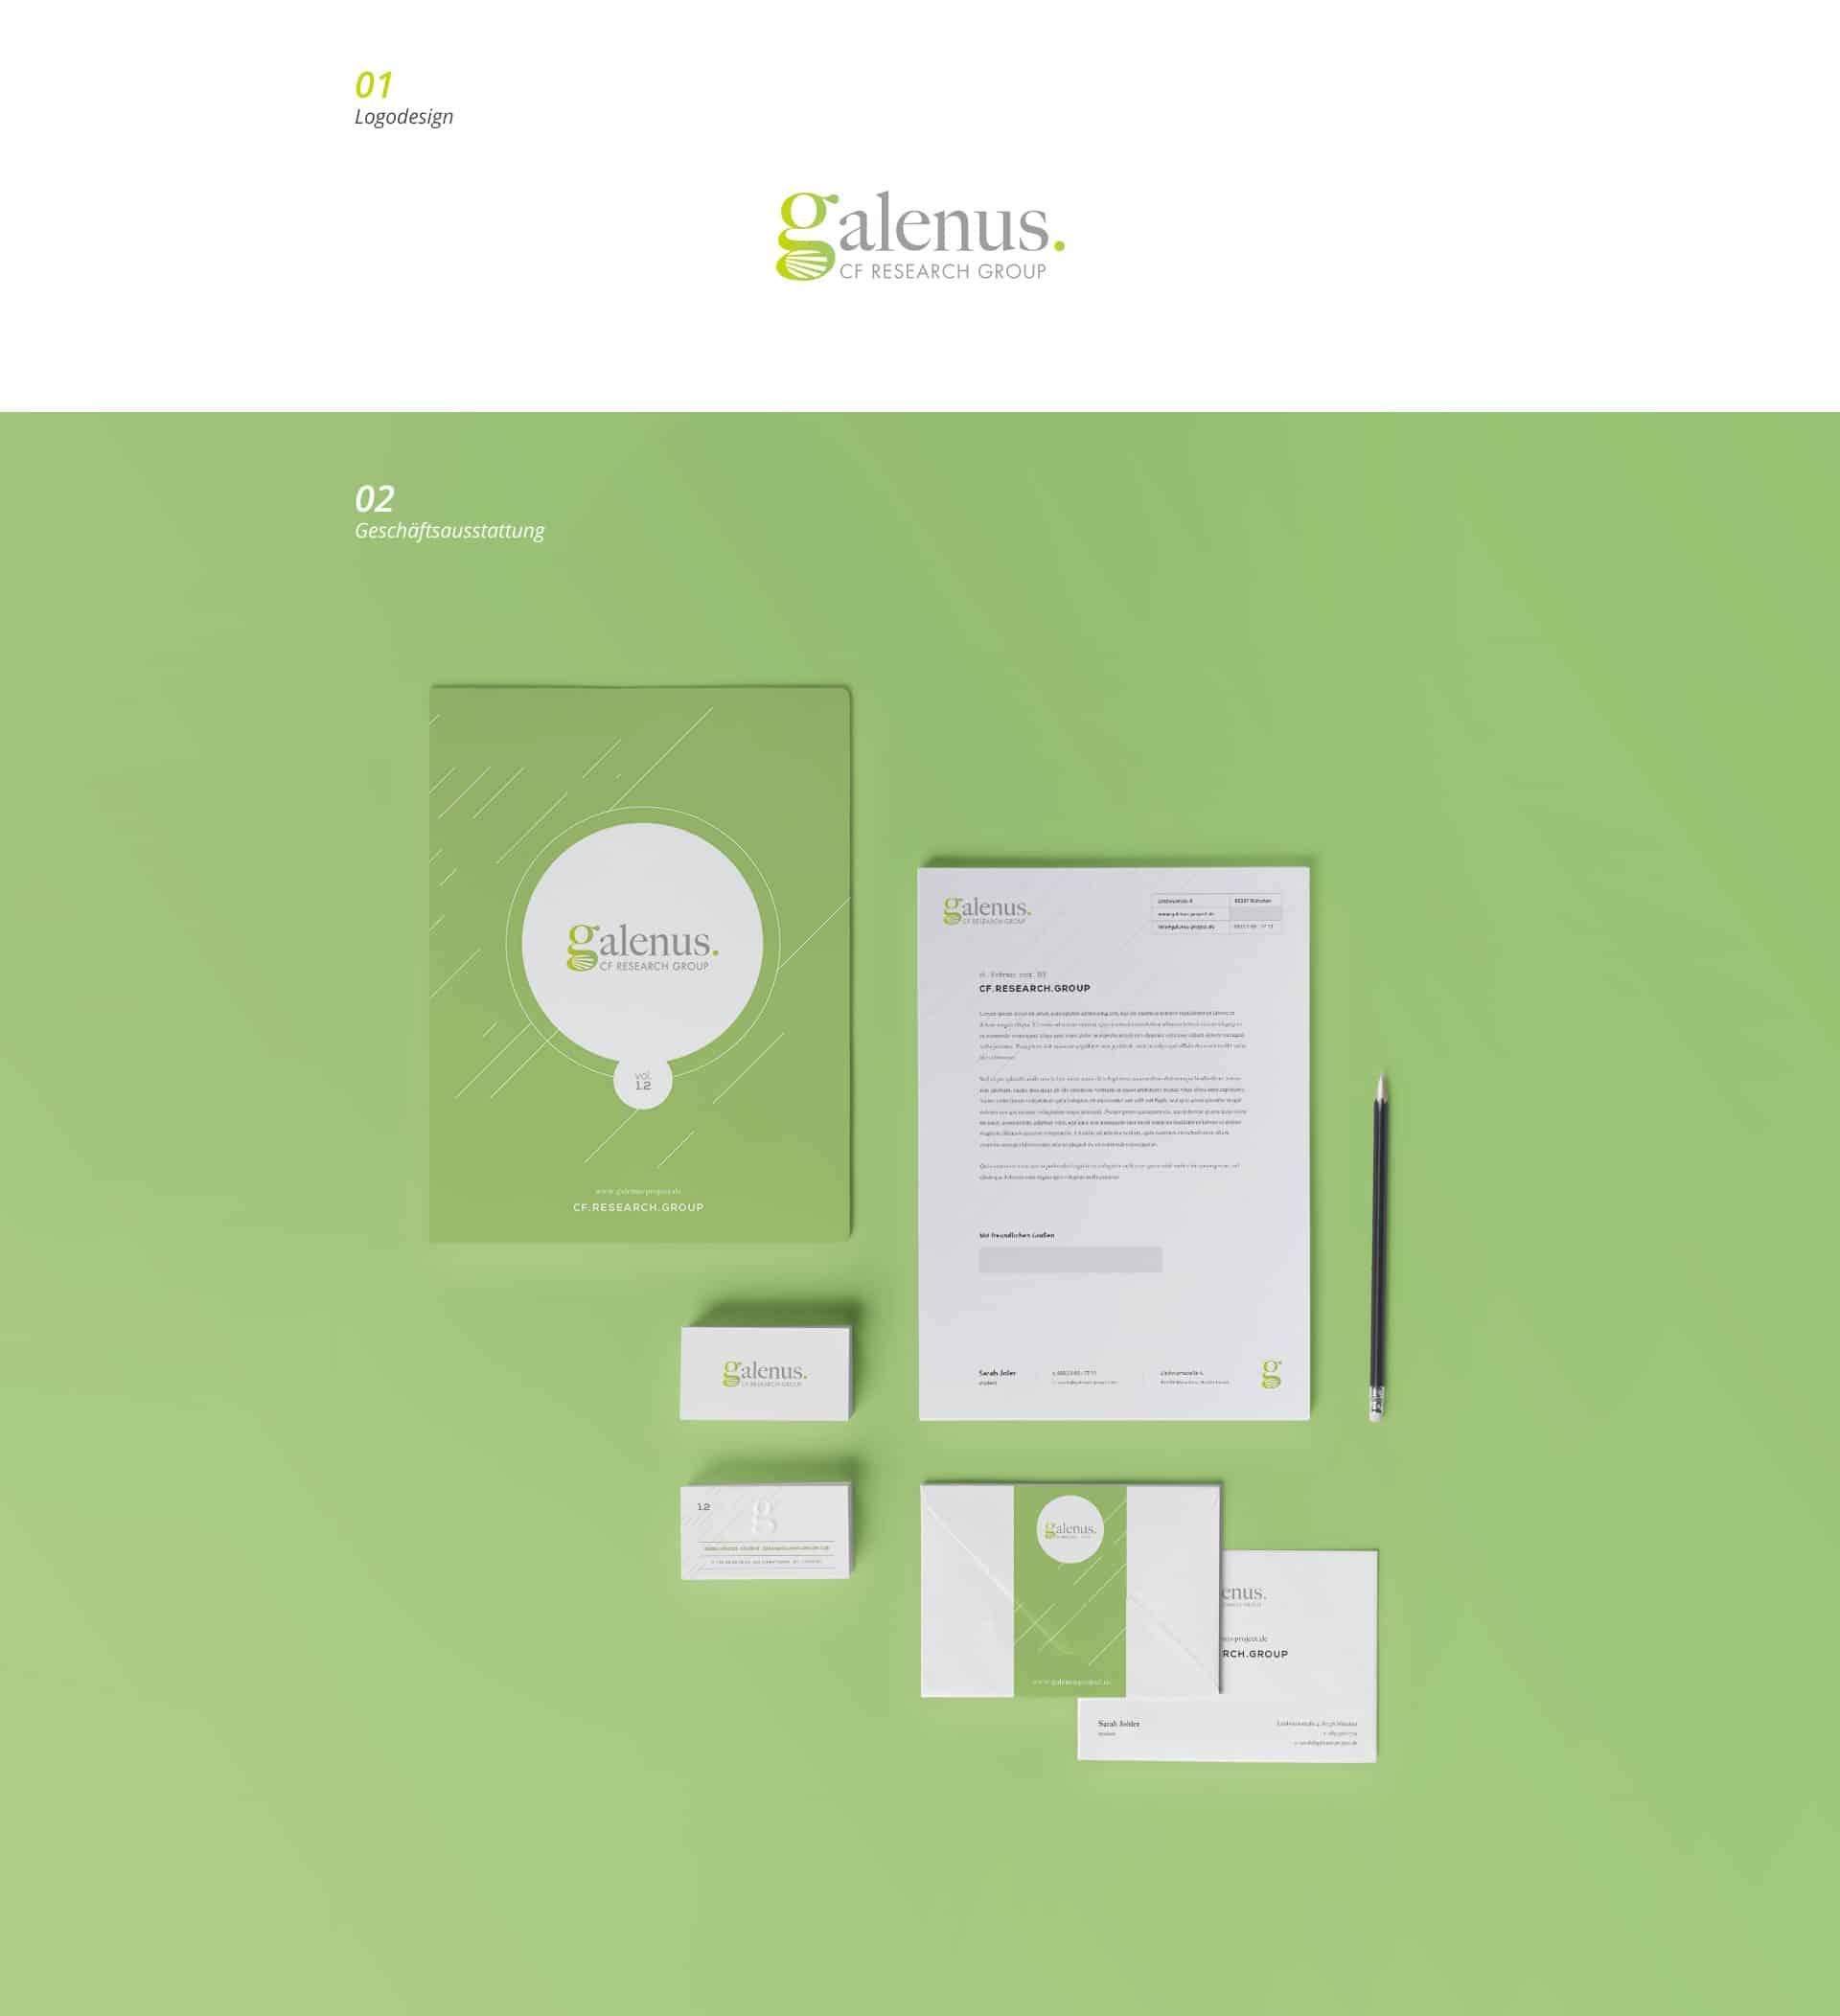 EAZEE Werbeagentur Galenus LMU Corporate Design und Logoentwicklung